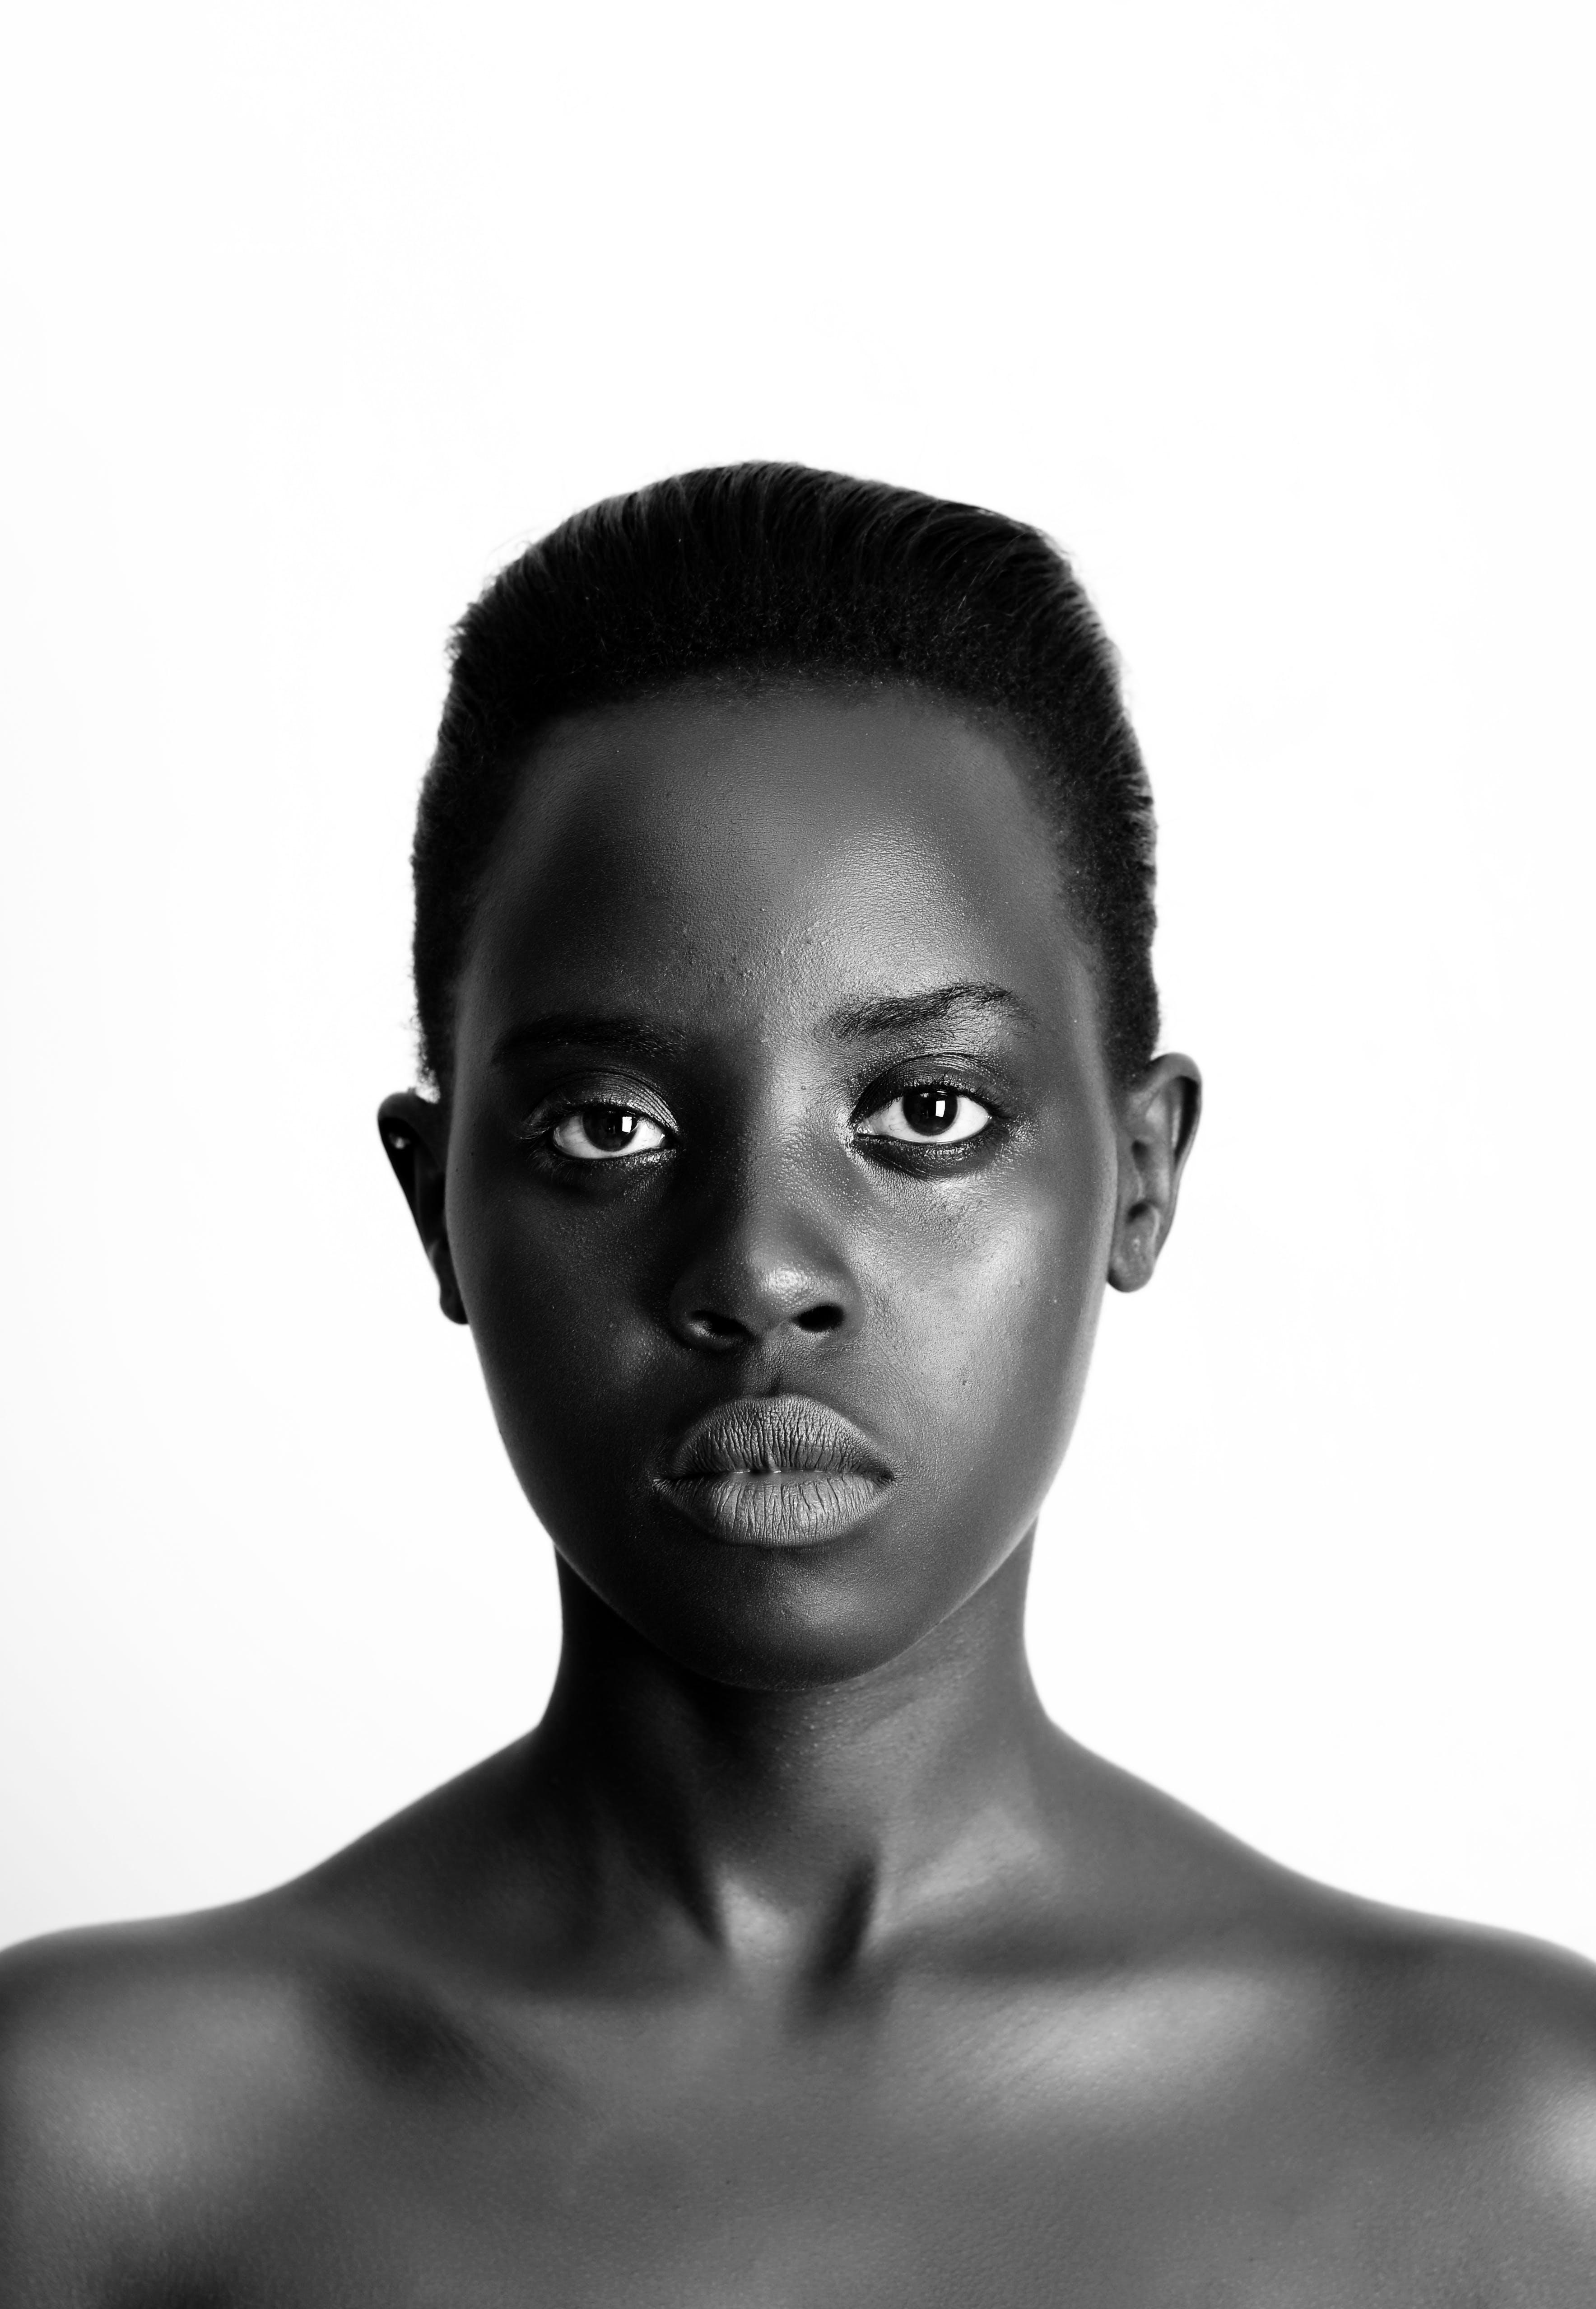 Ingyenes stockfotó álló kép, arckifejezés, bőr, fekete-fehér témában